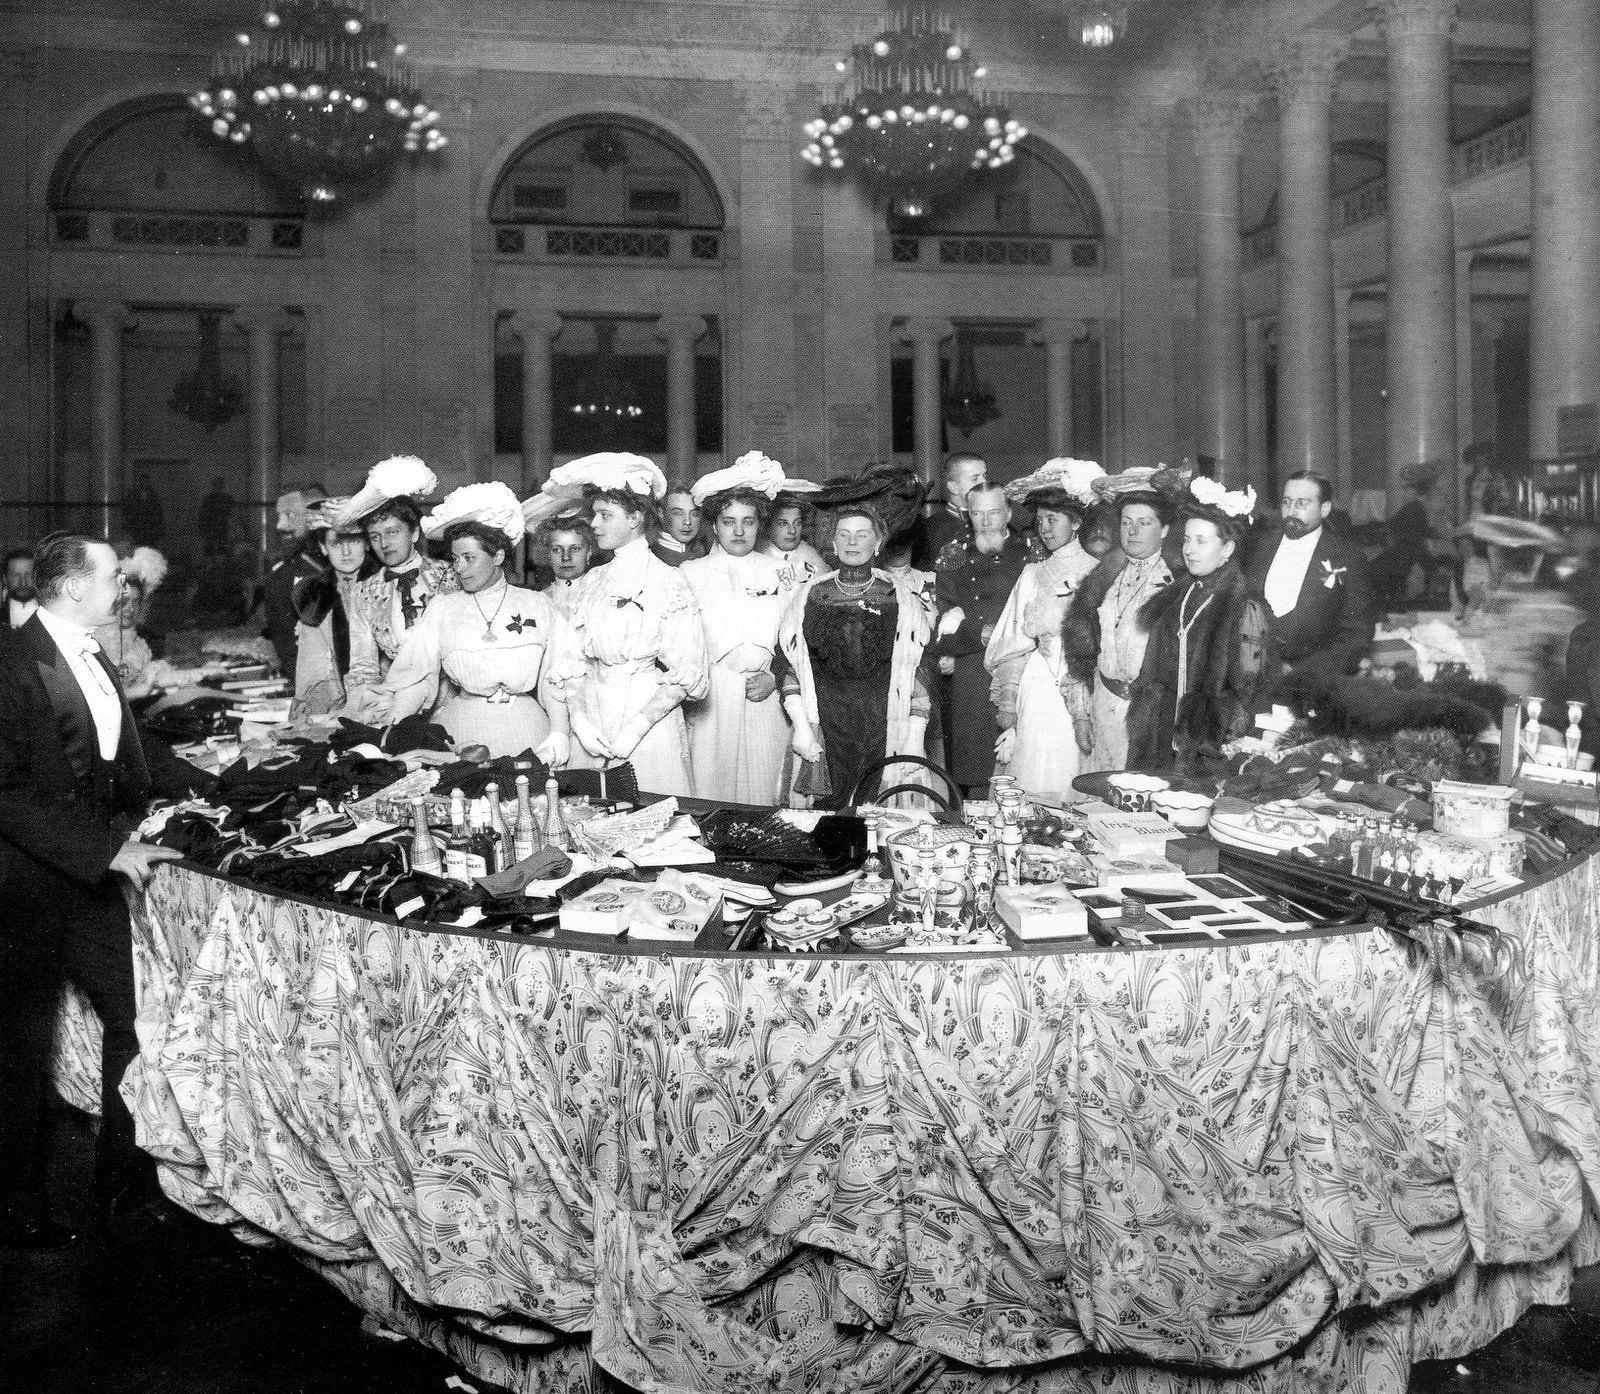 1903. Продажа крестьянских кустарных изделий на Рождественском благотворительном базаре